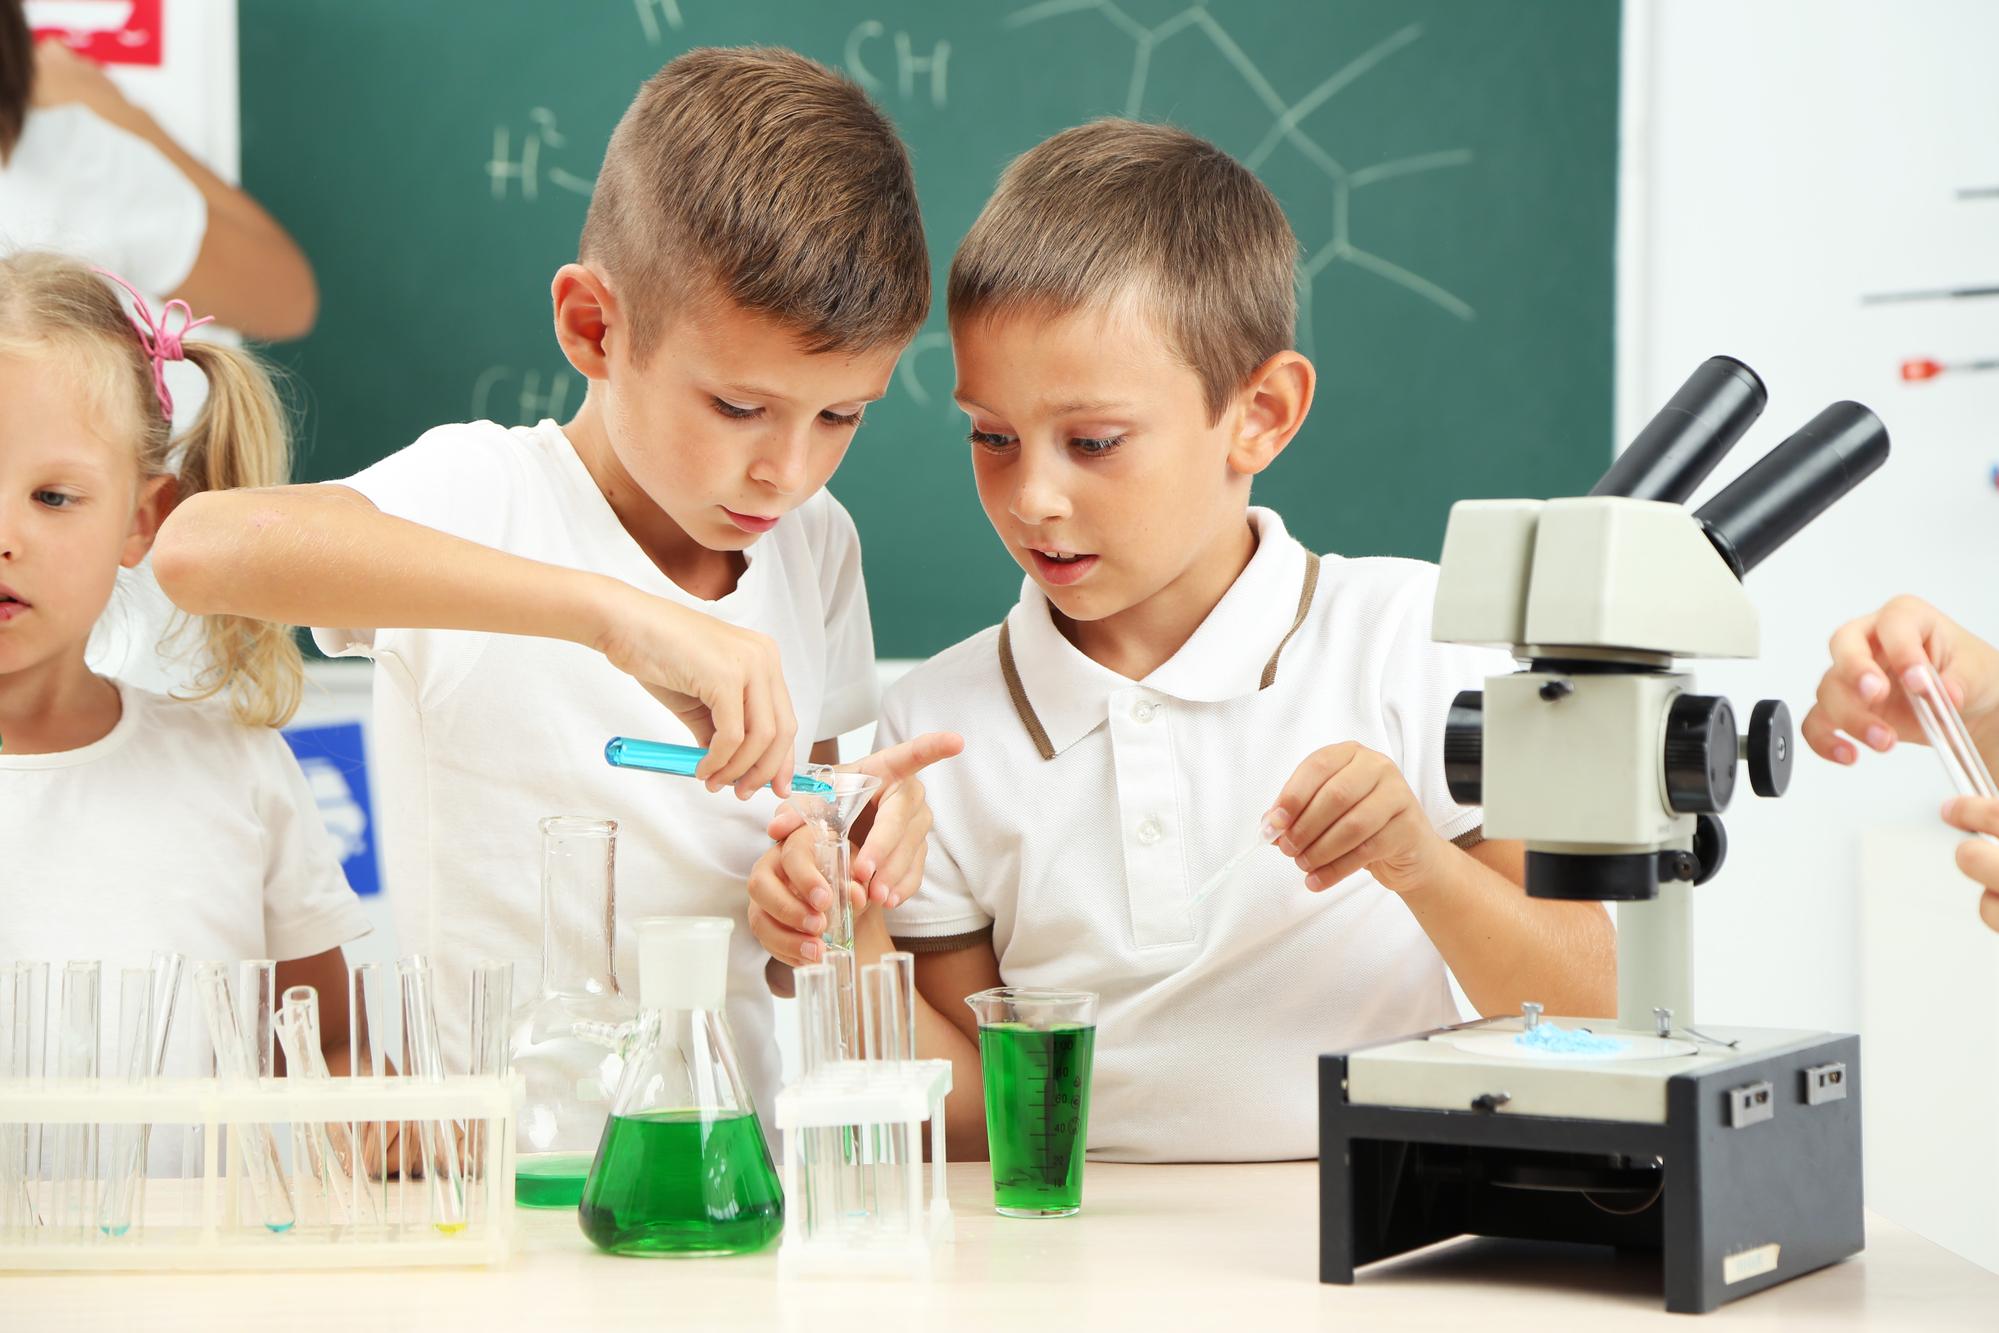 Образовательных проектов для детей вМоскве множество, и, конечно, нам неудалось охватить их все. Но, чтобы попробовать,этого хватит.